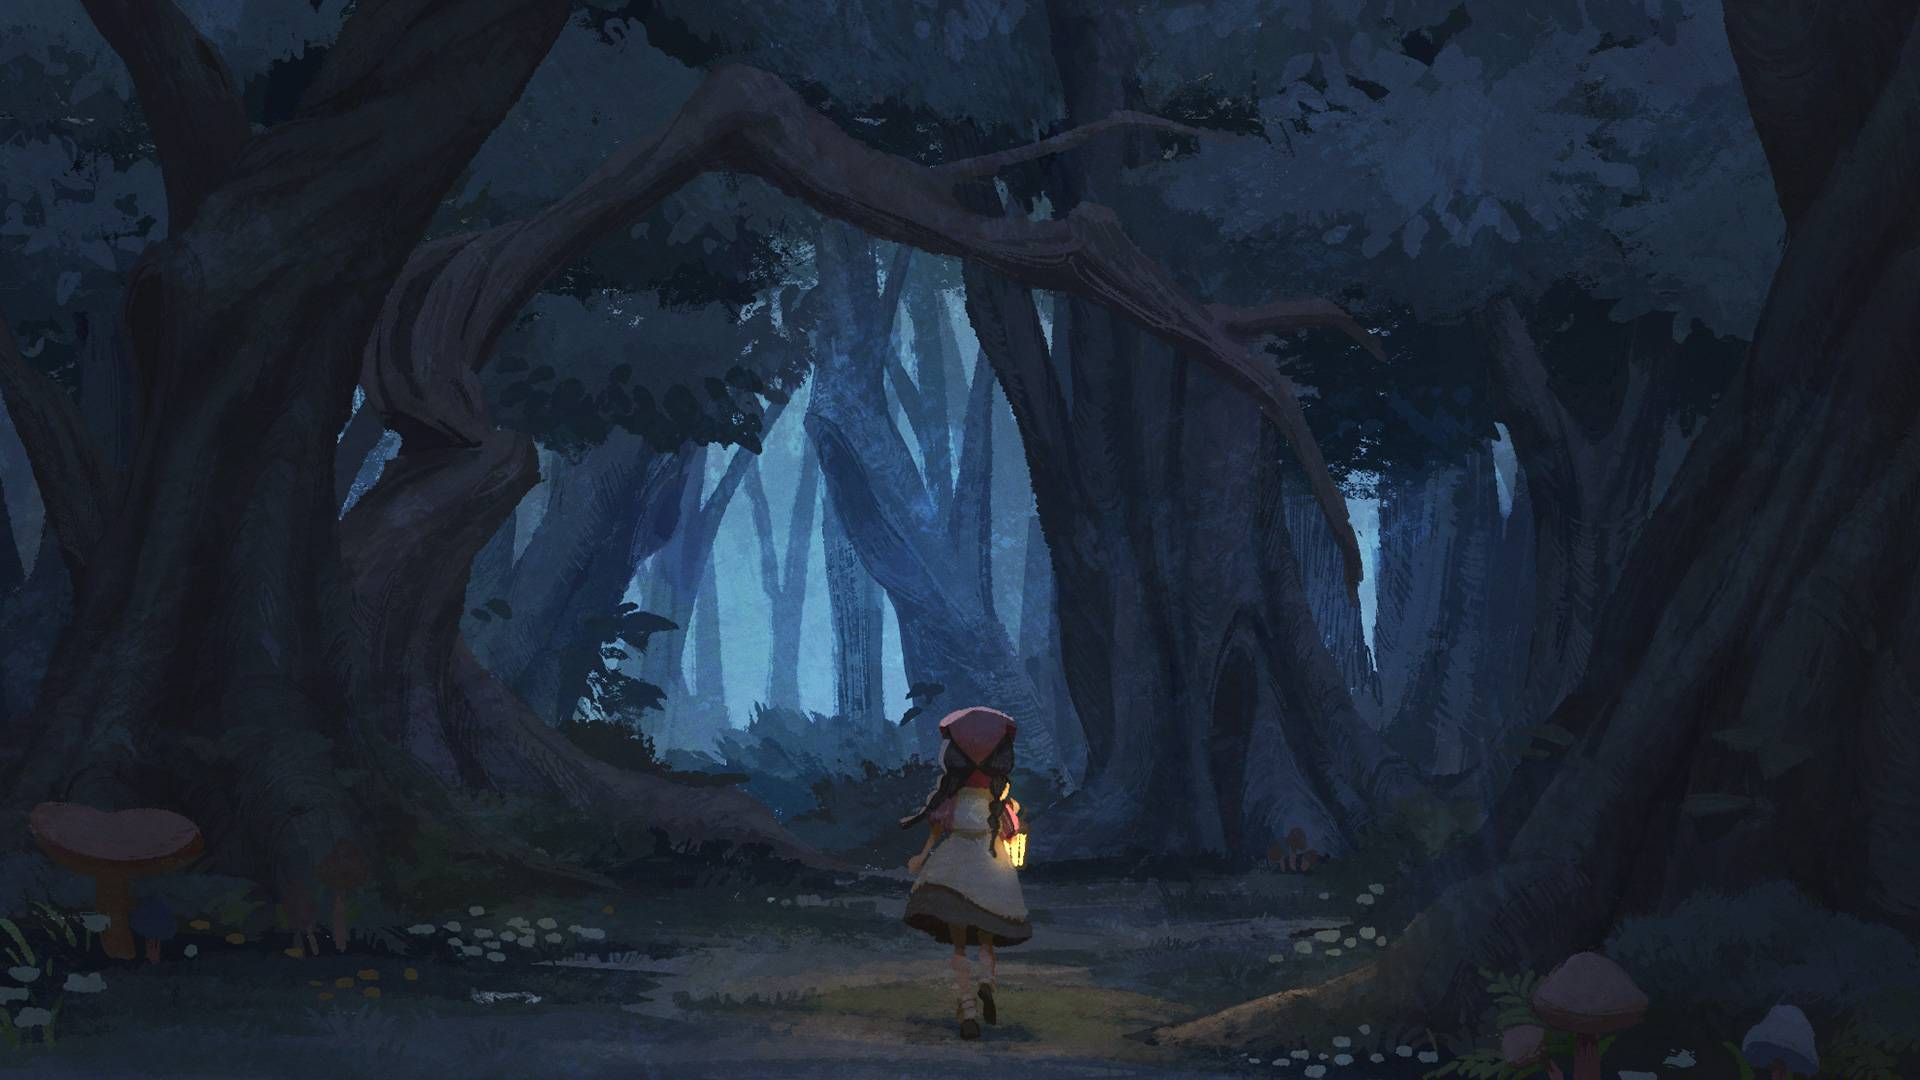 【新作】ウィキッドストーリーズ公開!|邪悪な物語が綴られたWEB小説【ウィキッド・ラビリンス】